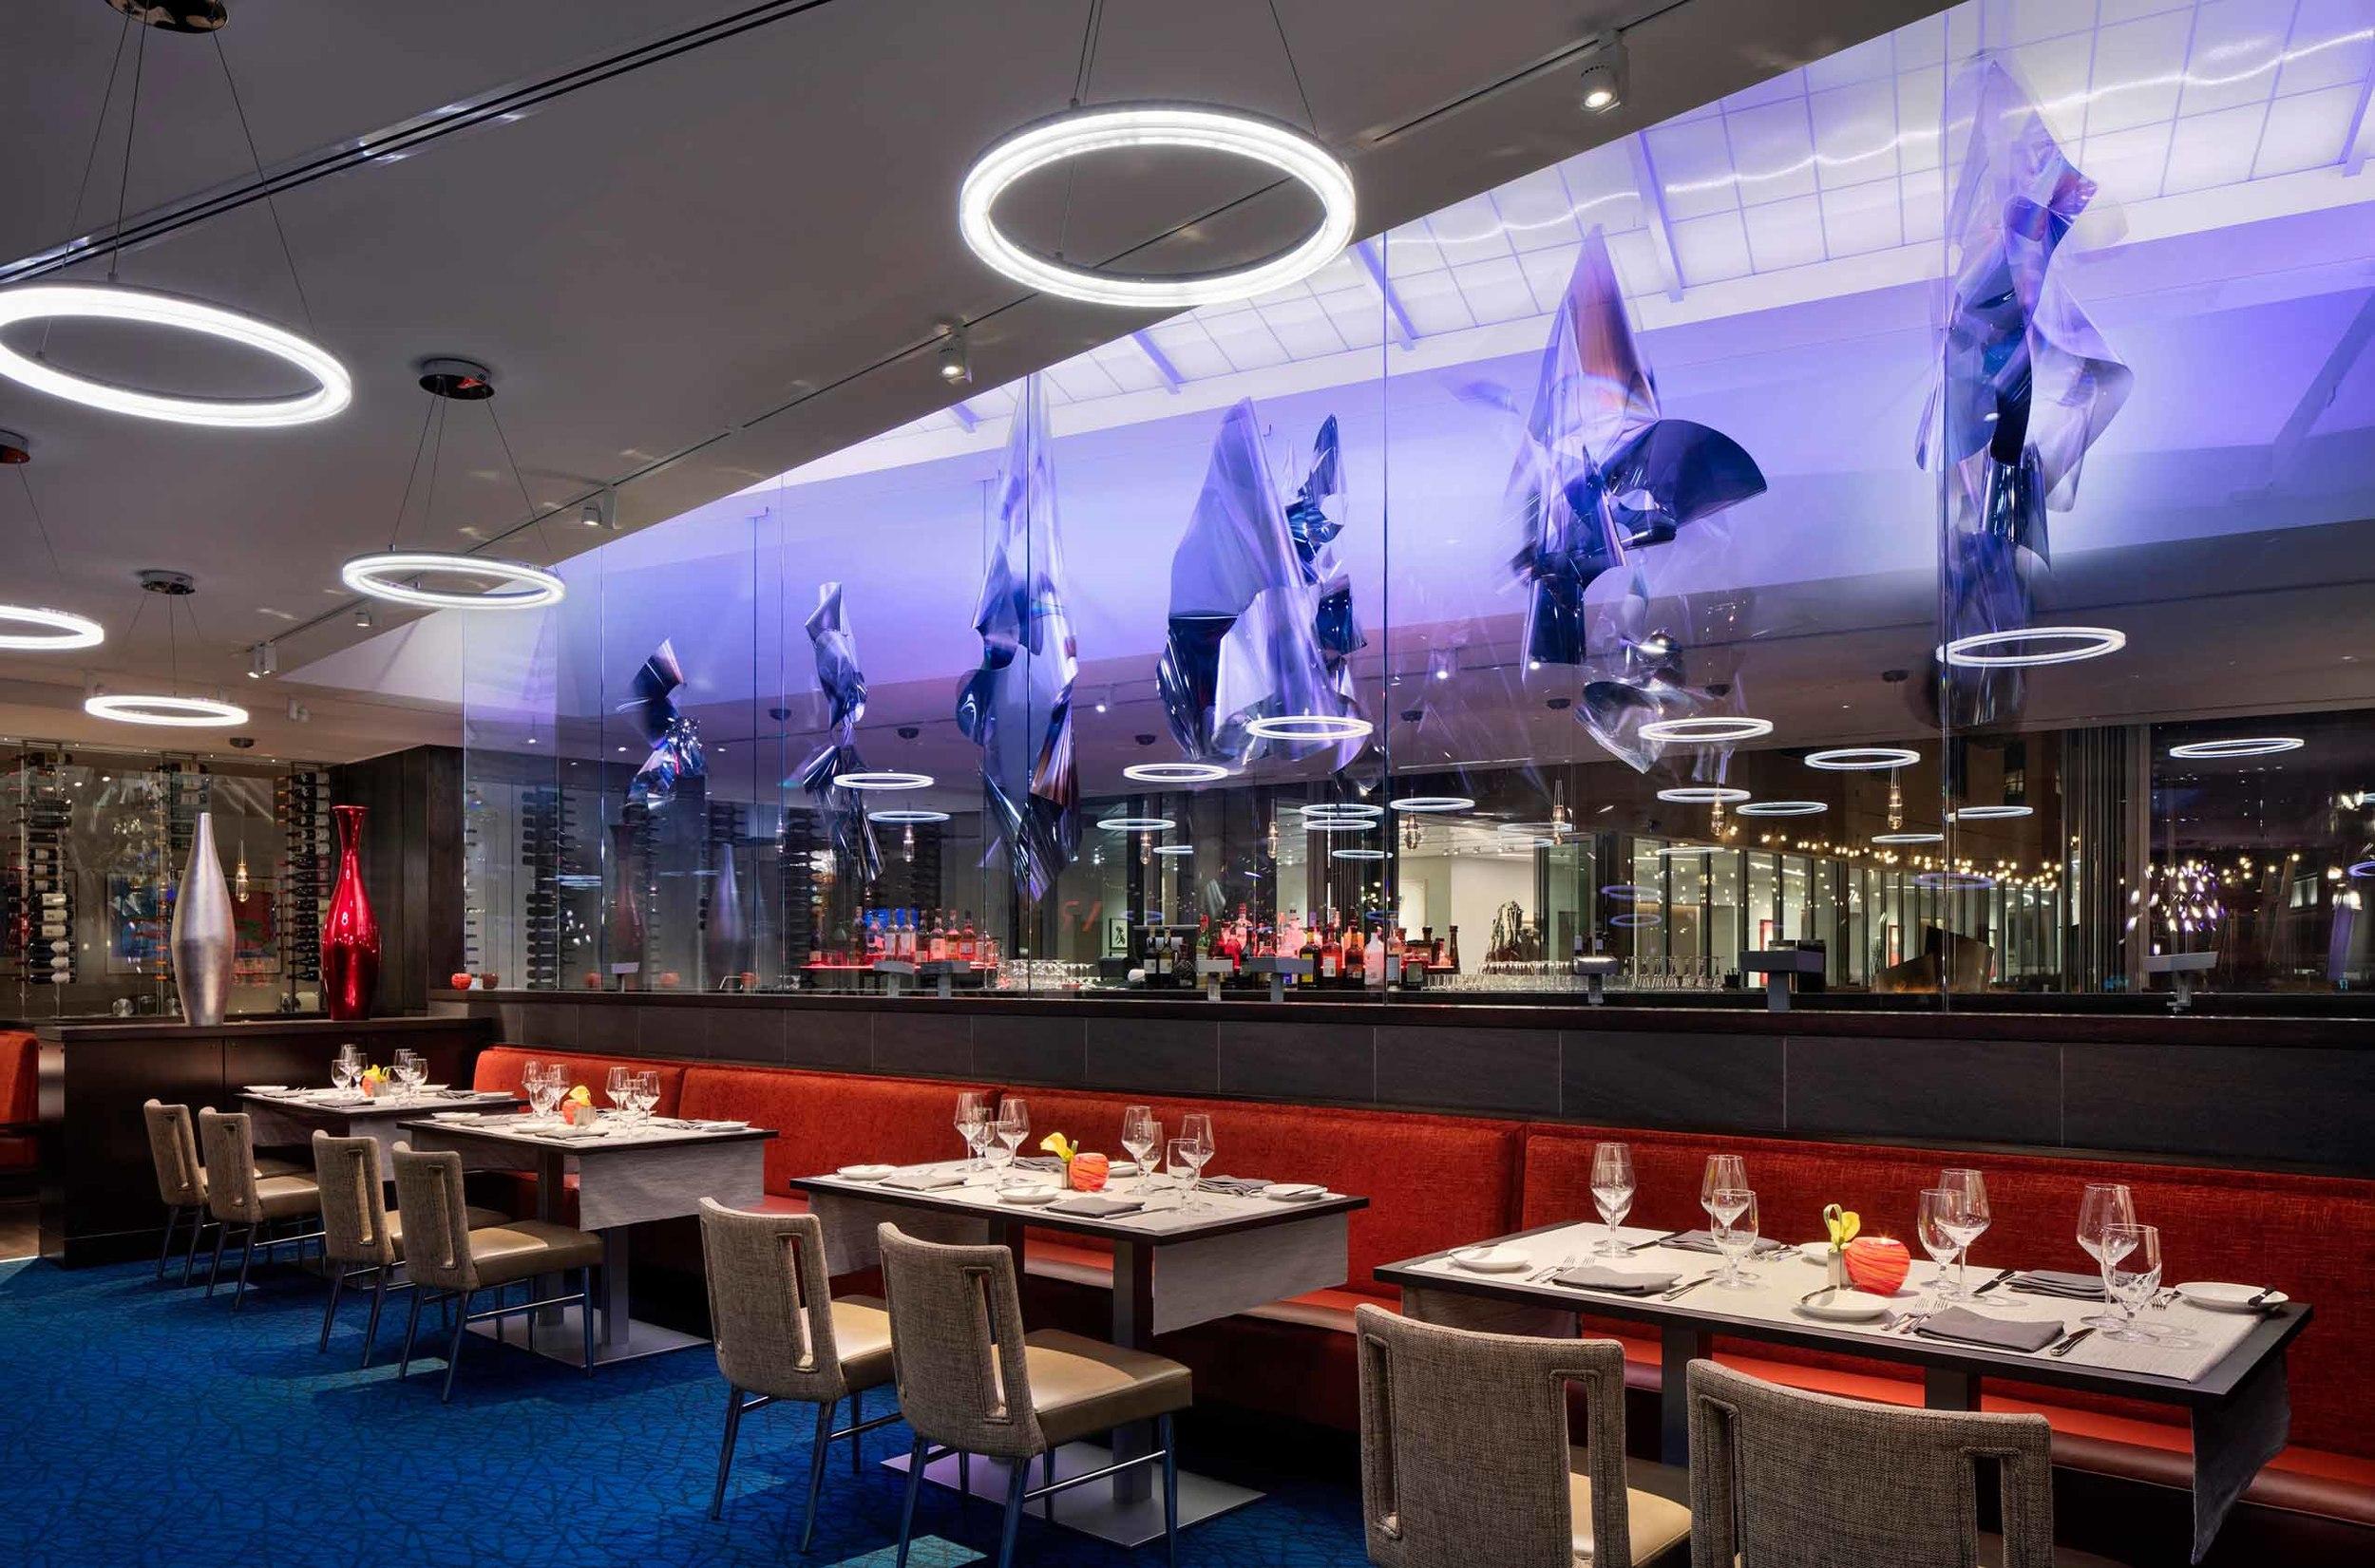 33674468_7_-_restaurant.jpg